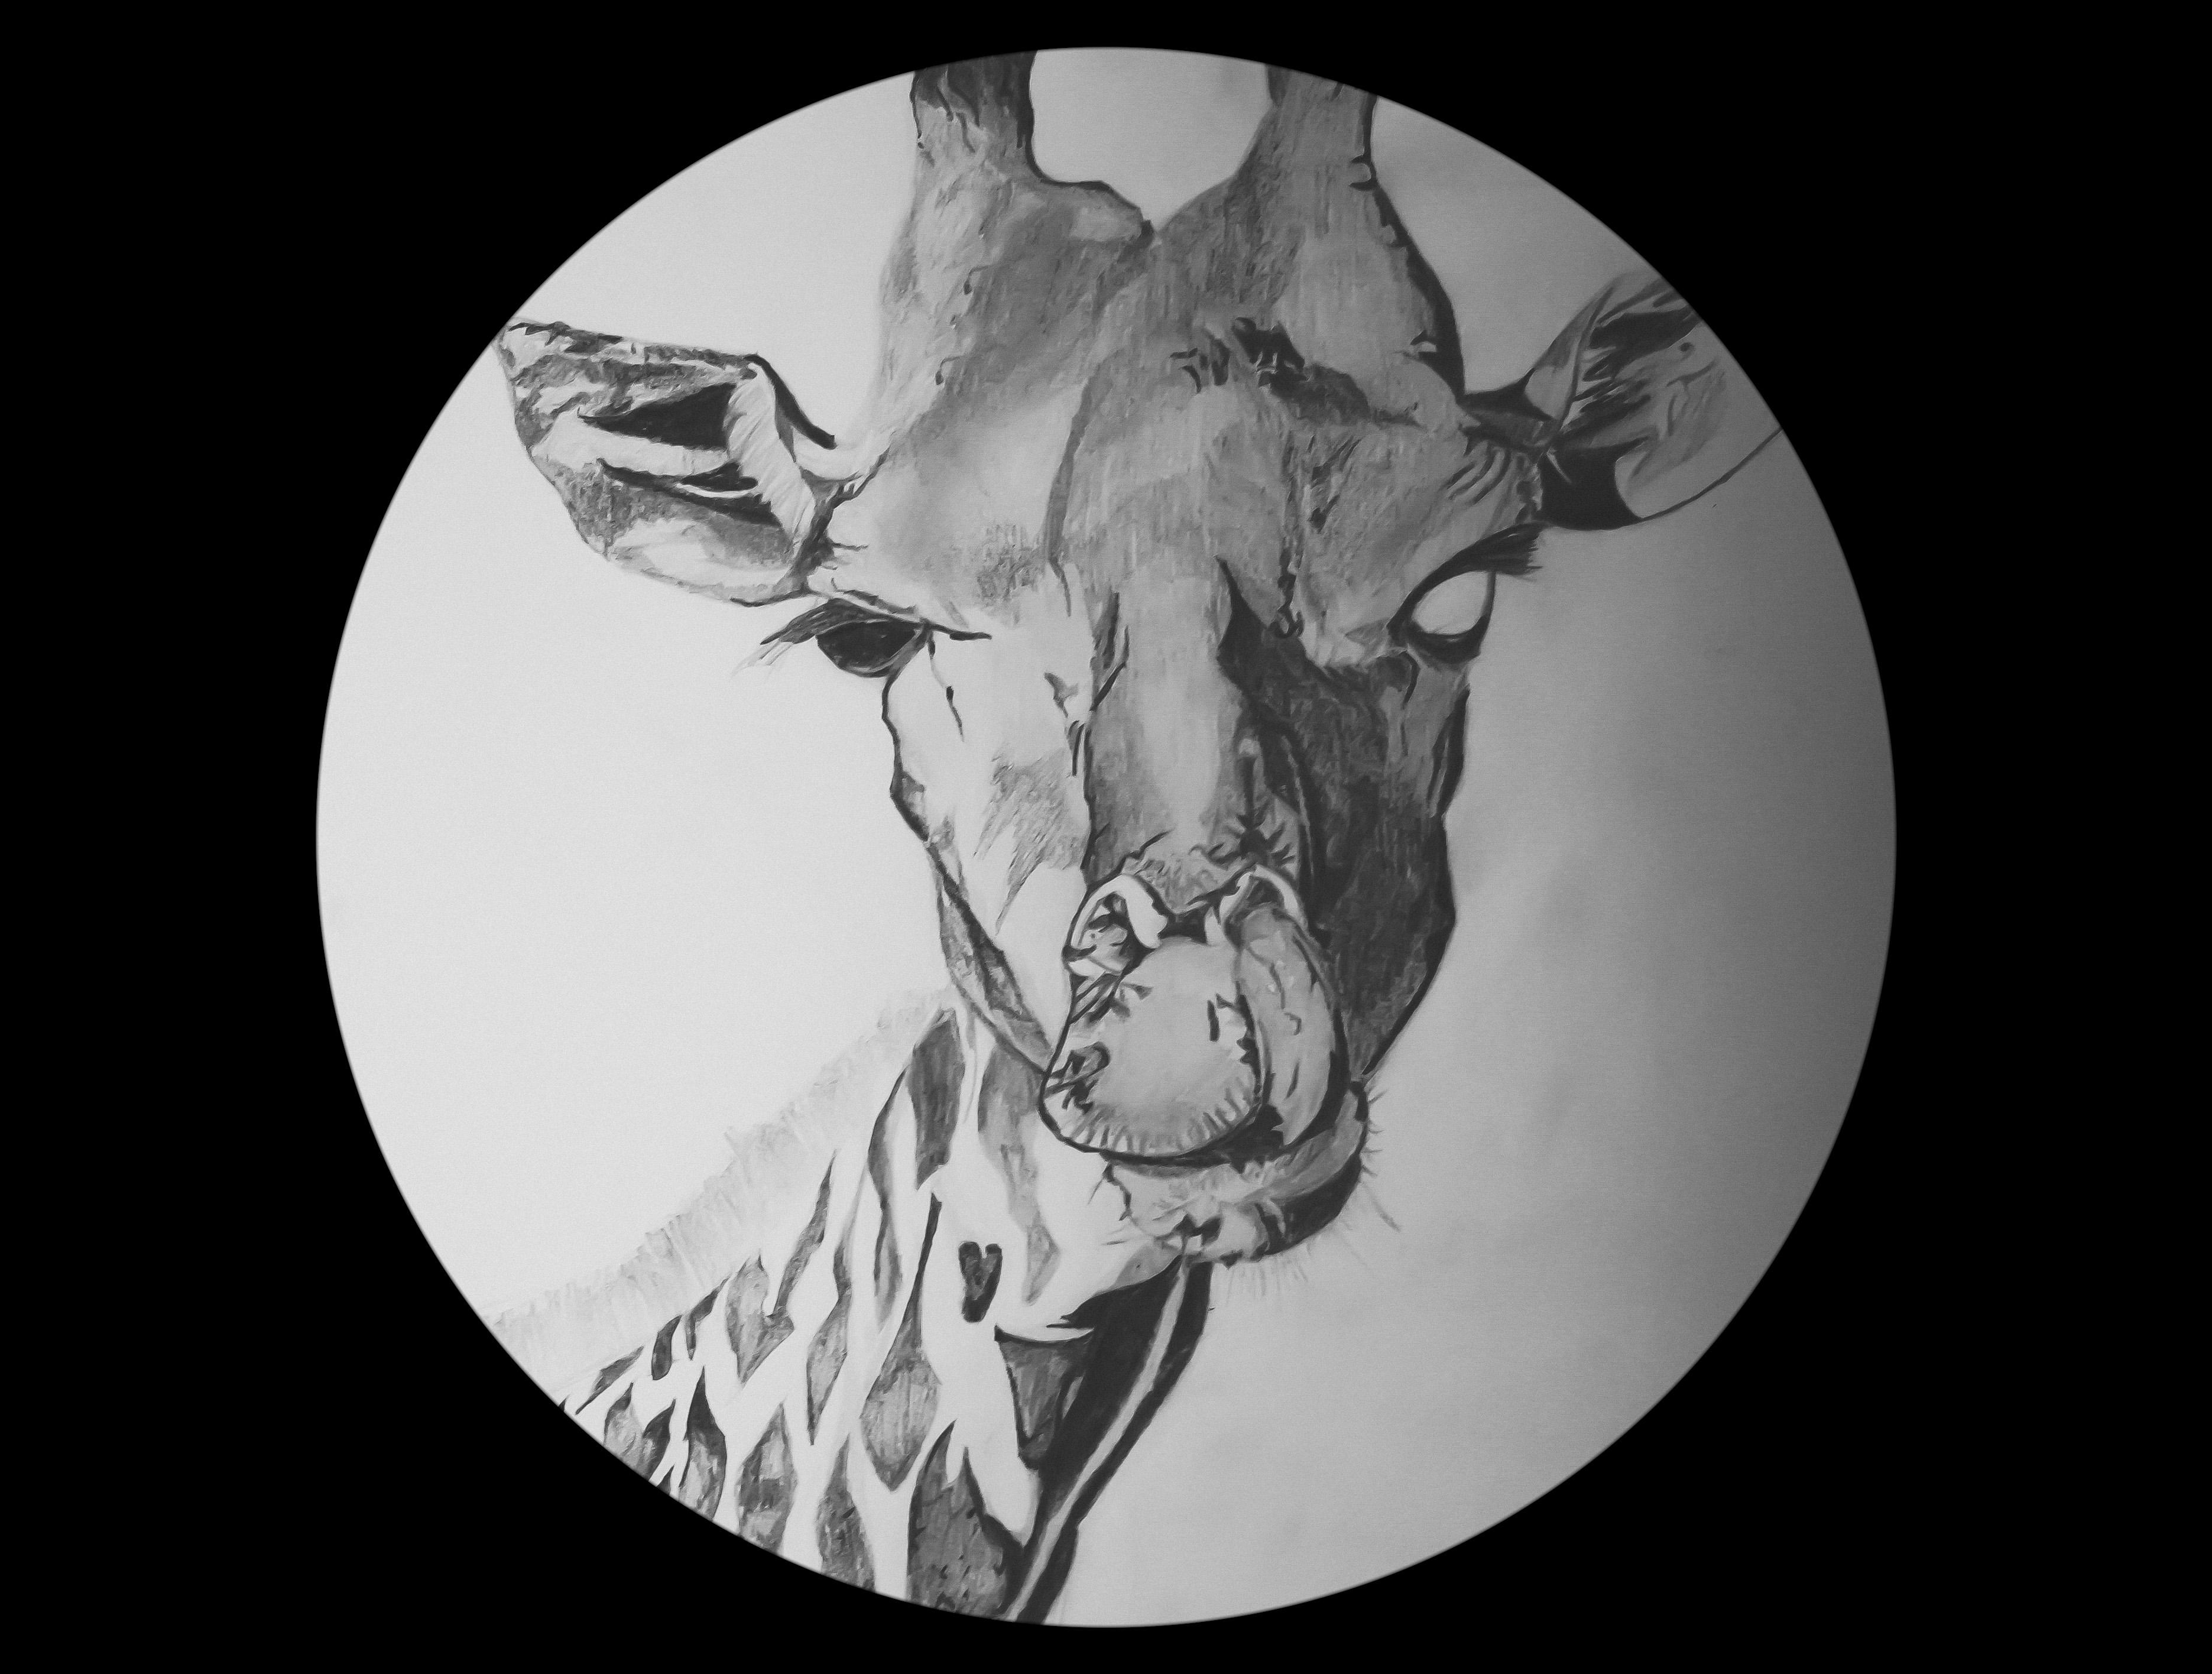 Art ID: 117634